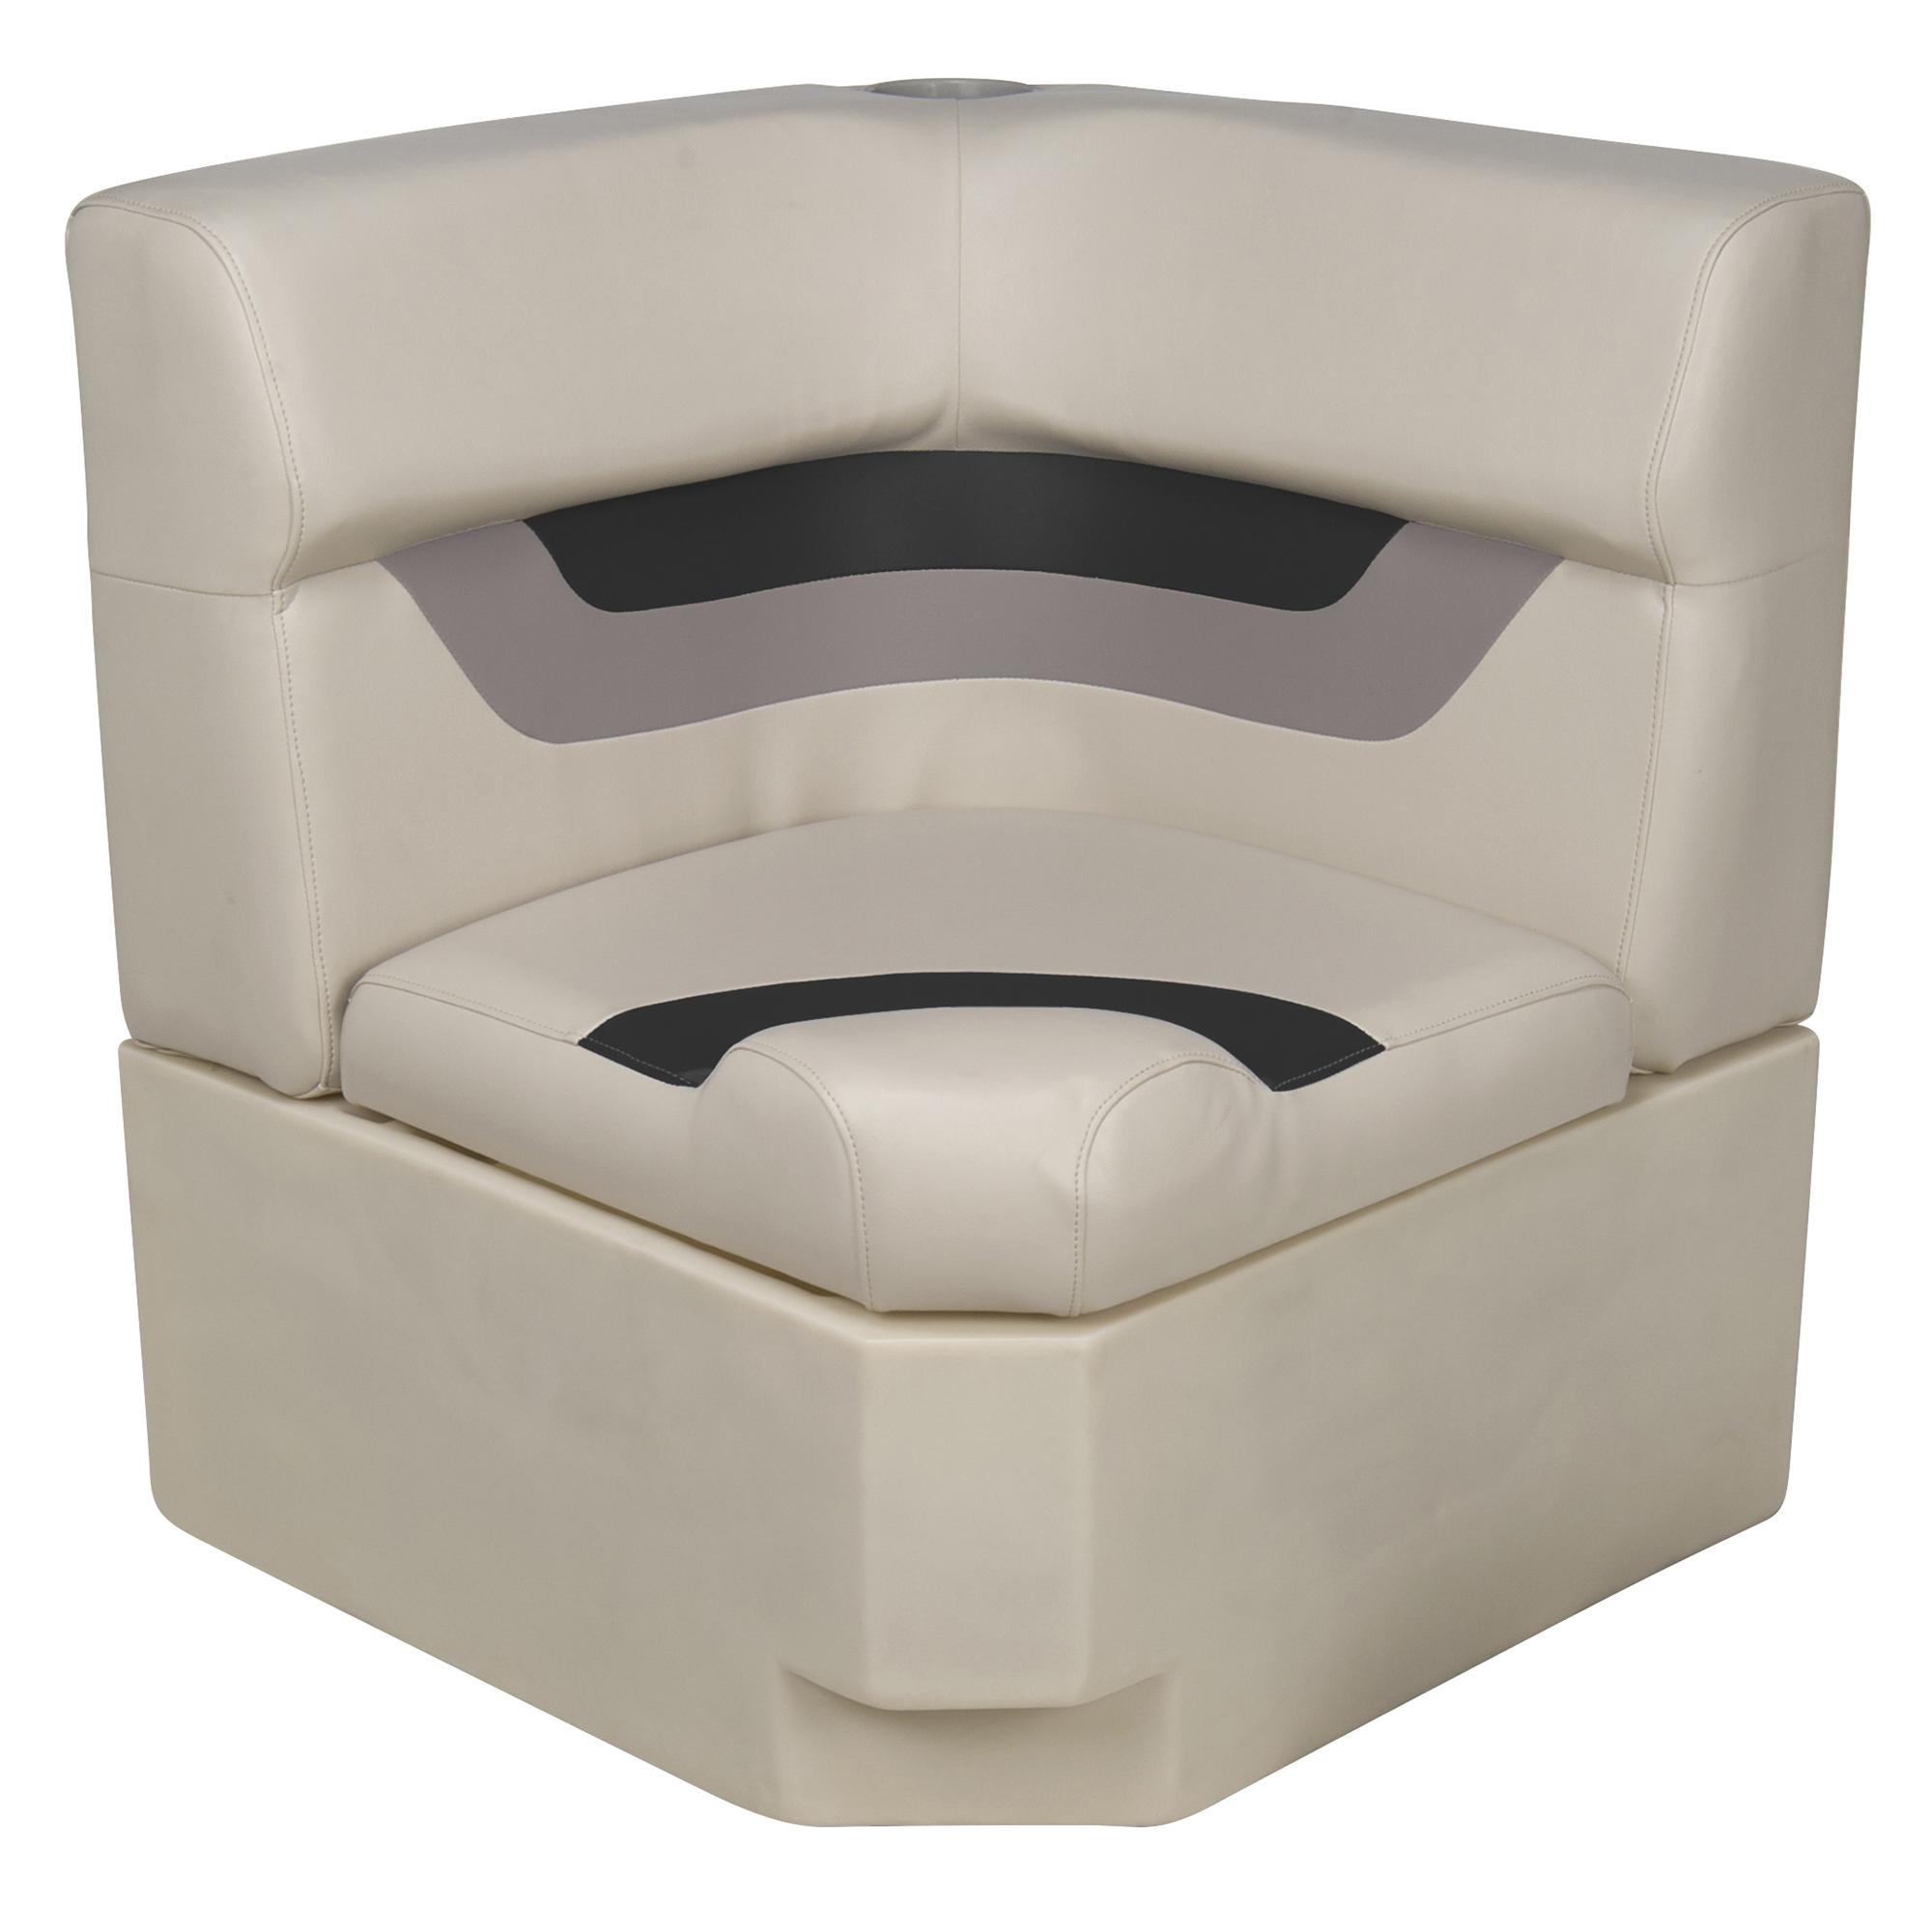 Toonmate Designer Pontoon Corner Section Seat - TOP ONLY - Platinum/Black/Mocha